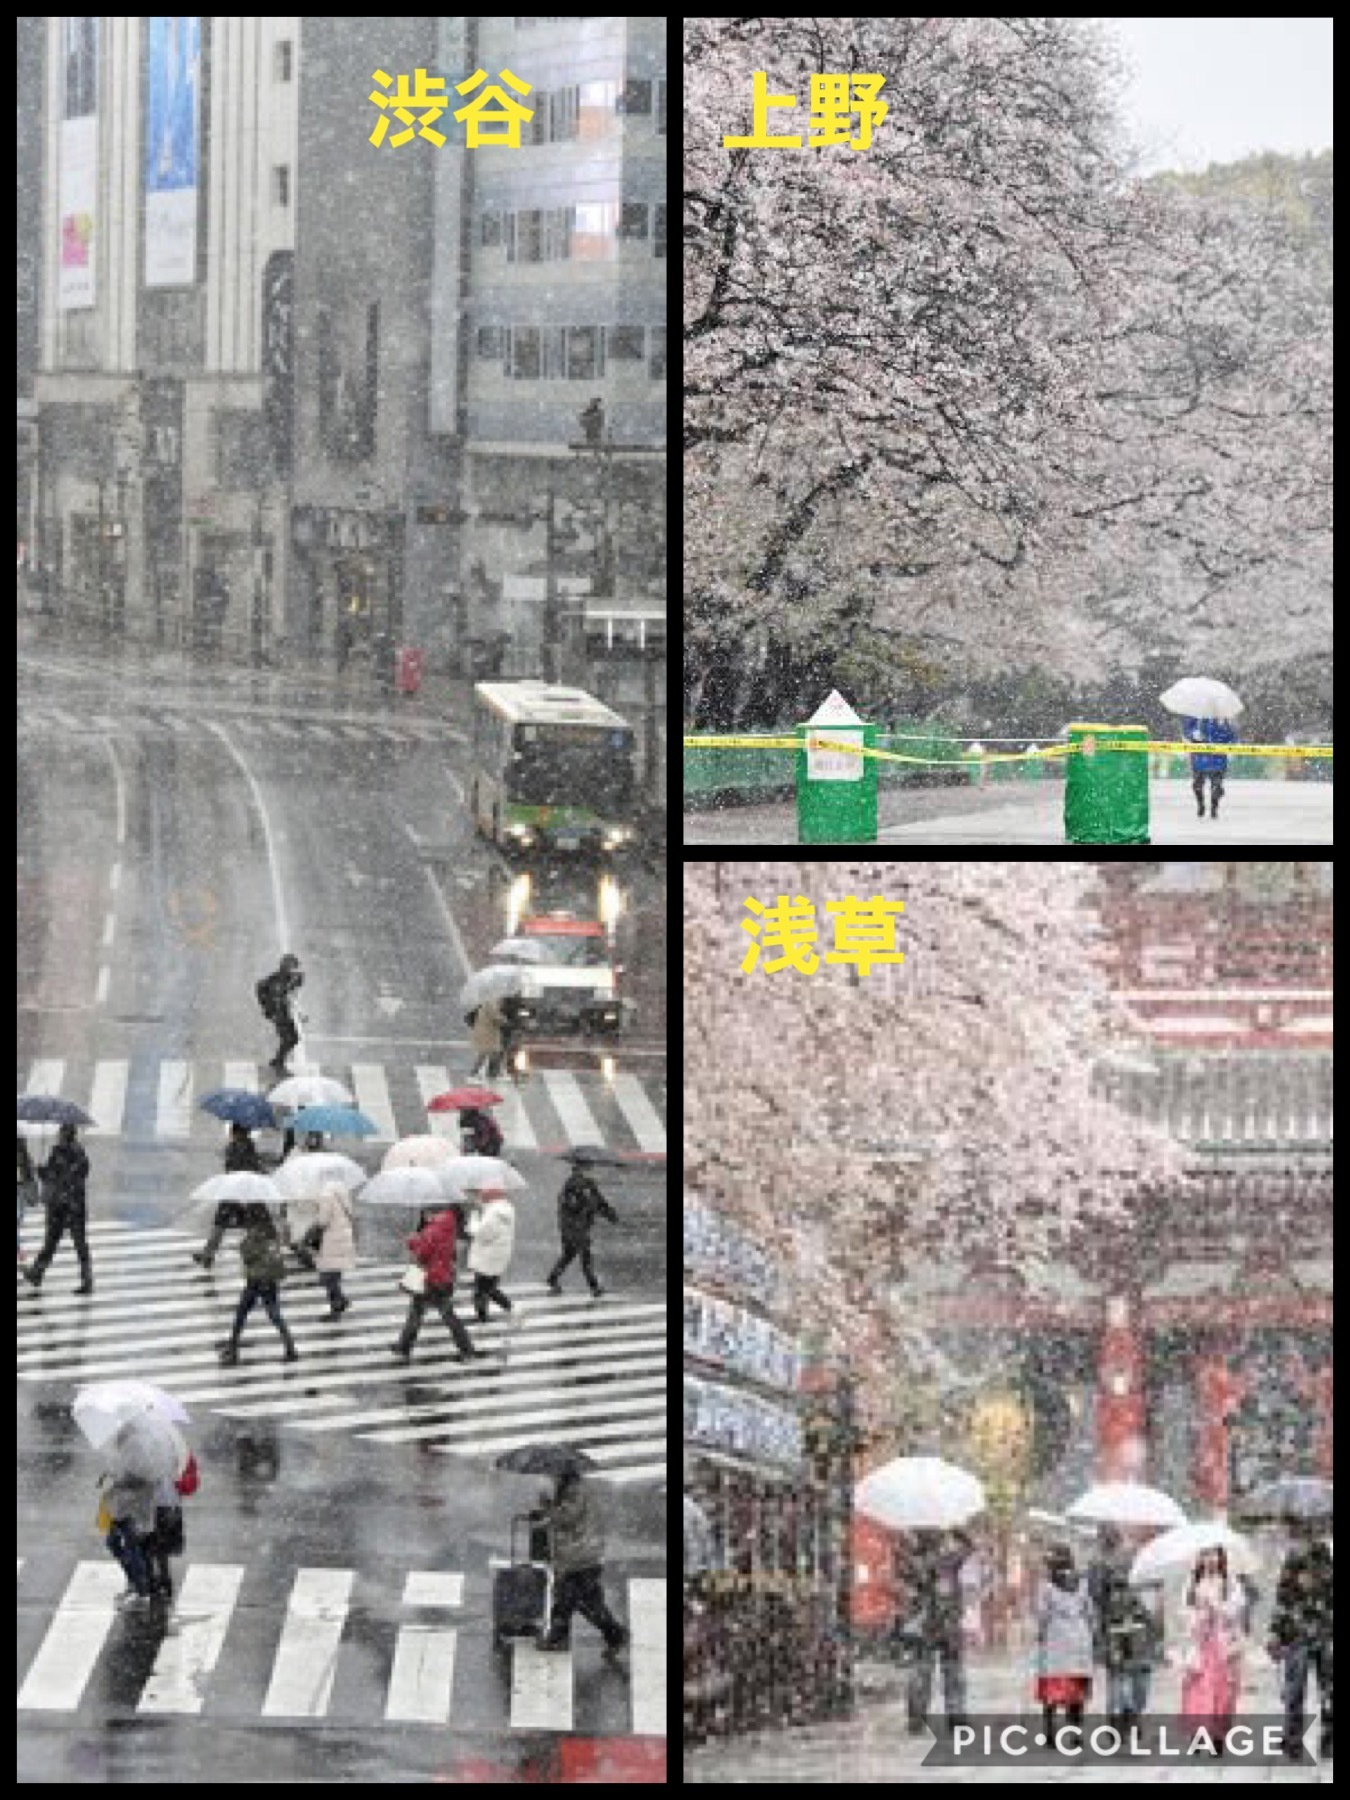 外出自粛 東京 2020年の3月